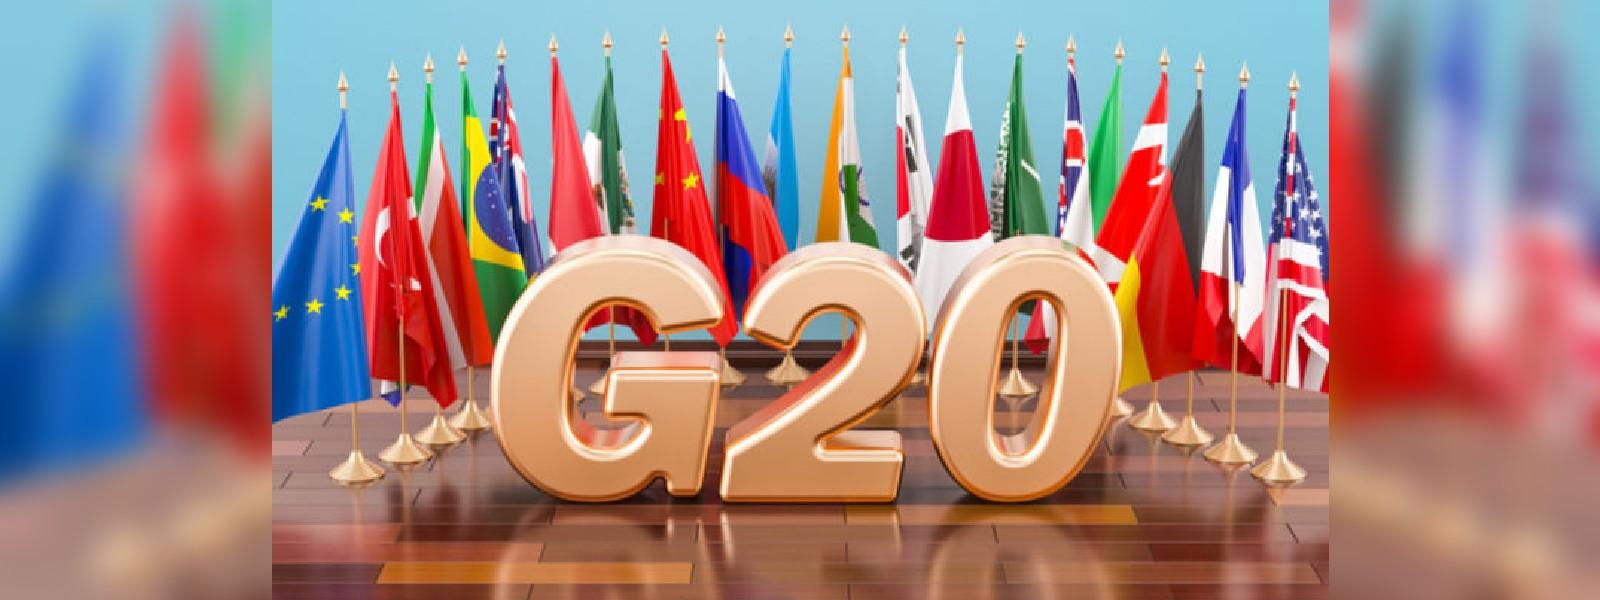 ලොවපුරා කොරෝනා එන්නත් සාධාරණ ලෙස බෙදාහැරීමට G20 රටවල් එකඟ වෙයි..